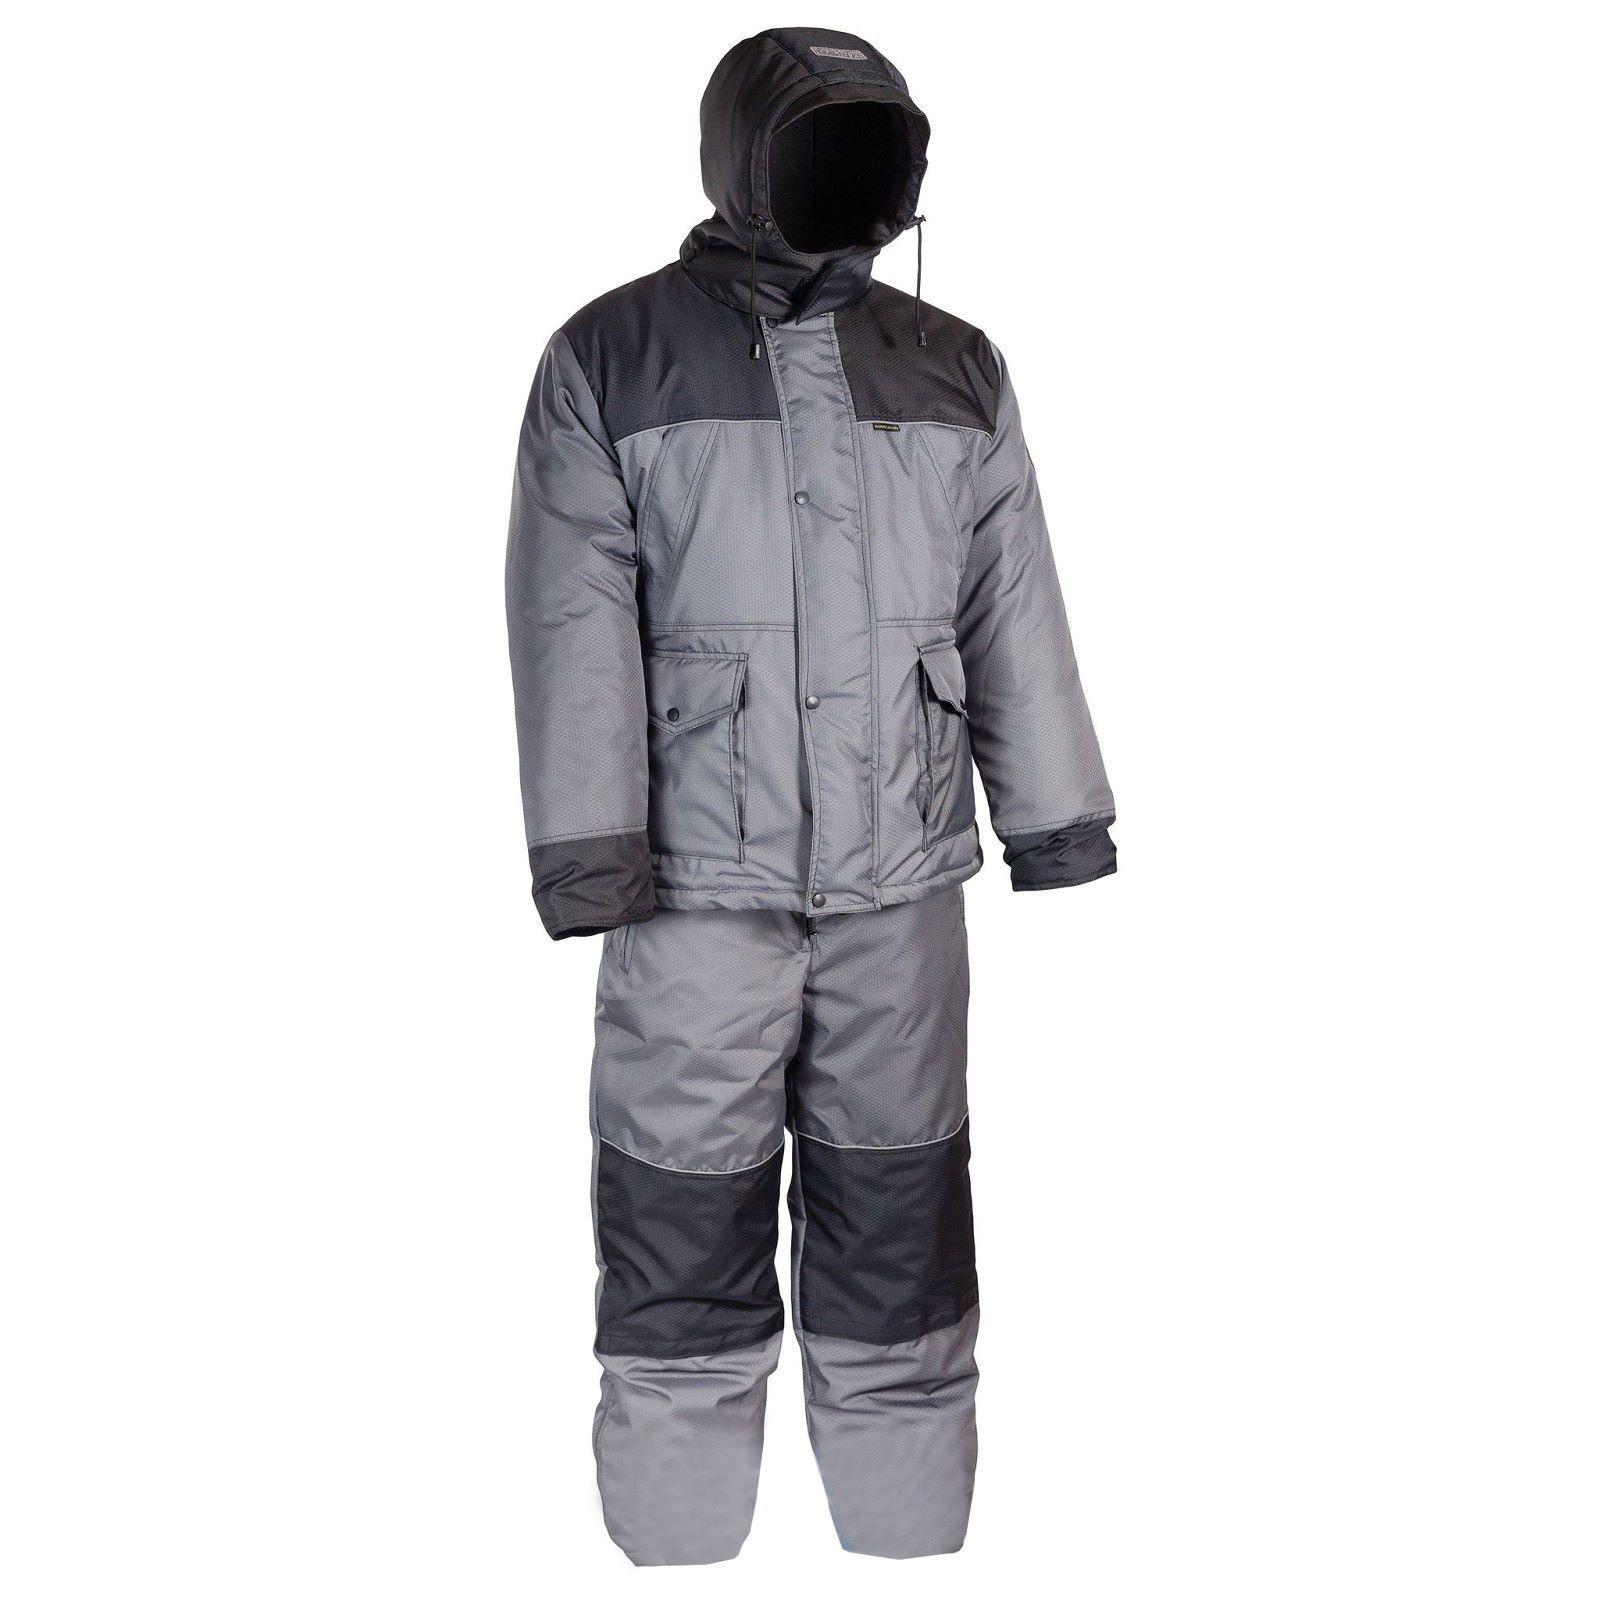 Костюм для рыбалки Huntsman Полюс, серый/черный, 56-58 RU, 180-188 см фото